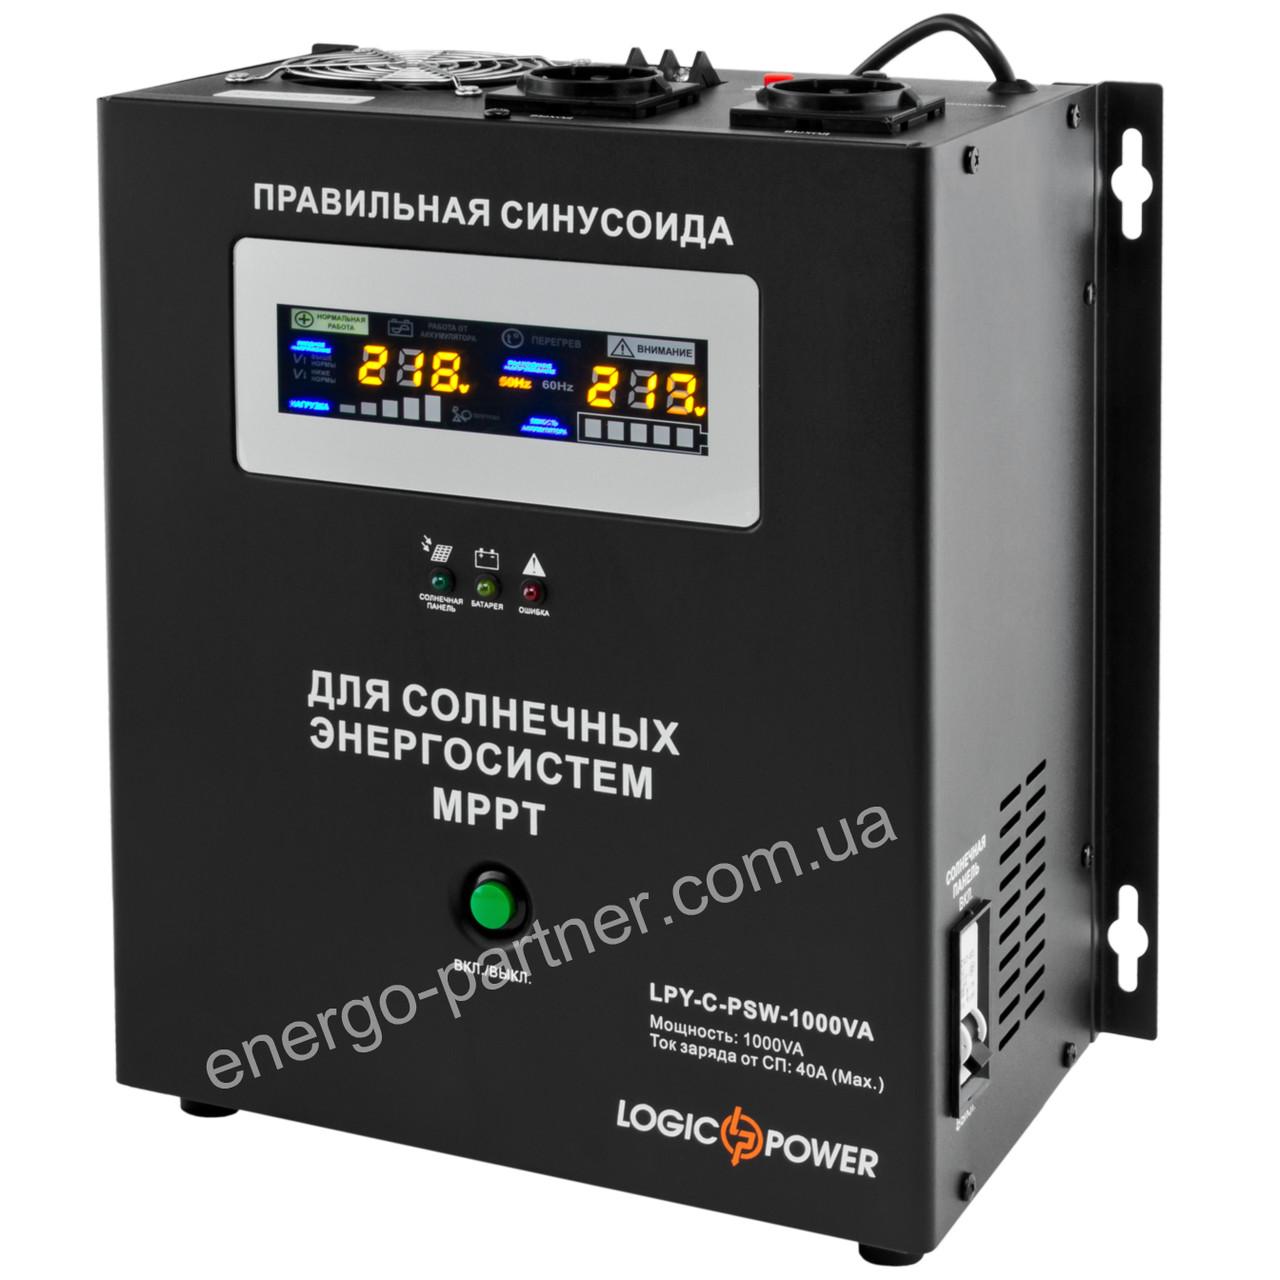 Бесперебойник LogicPower LPY-C-PSW-1000VA - ИБП (12В, 700Вт) - инвертор с чистой синусоидой